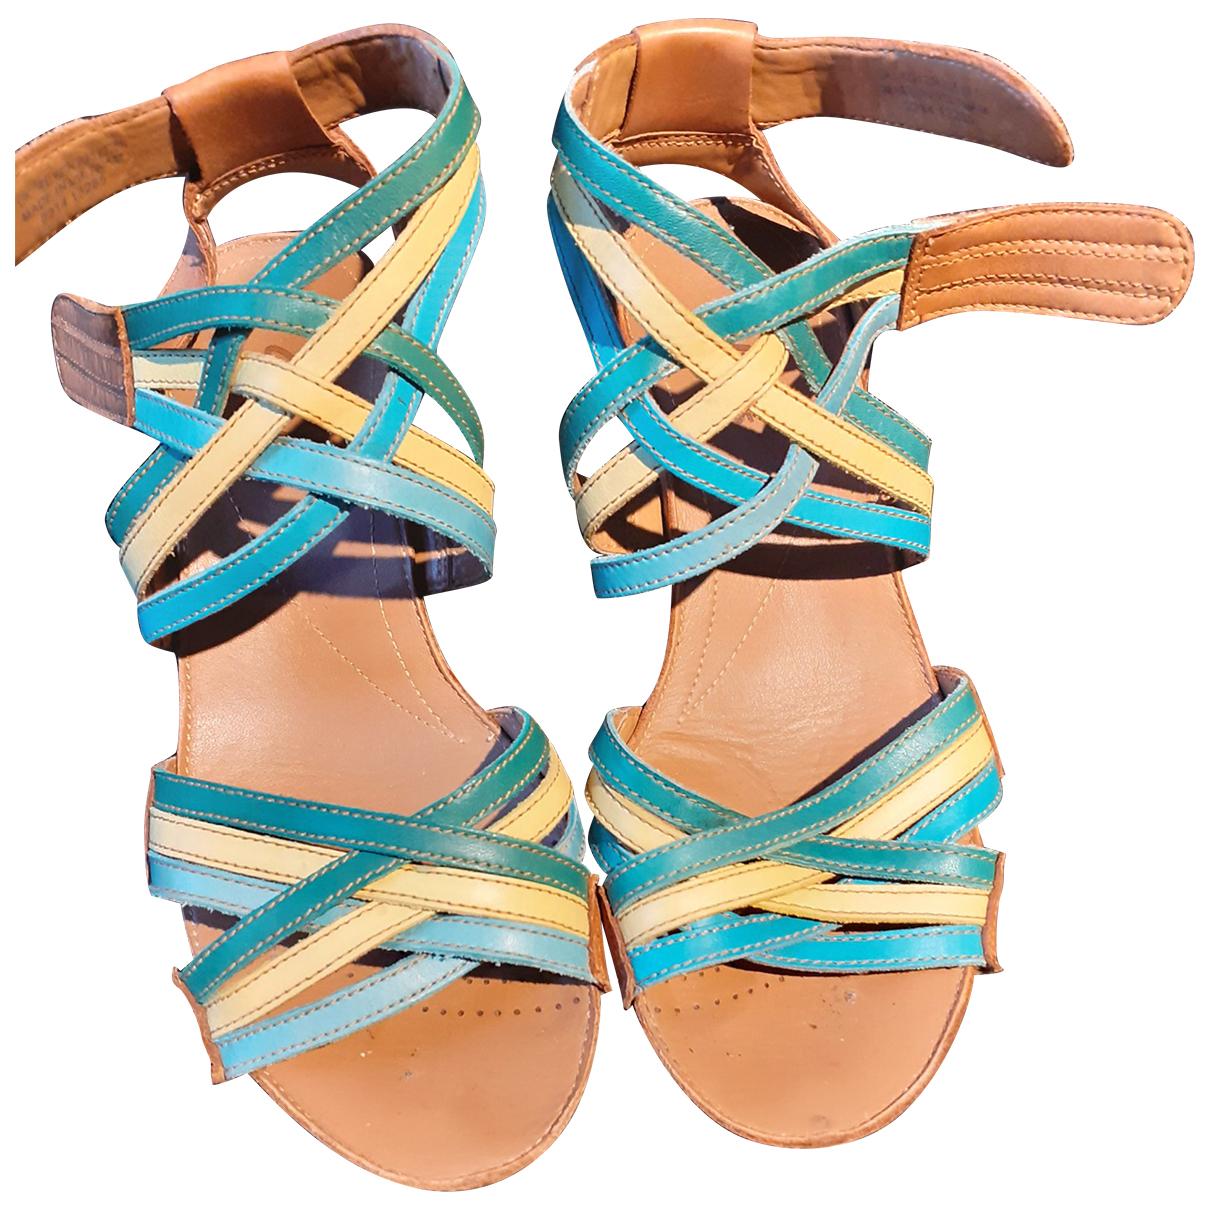 Clarks - Sandales   pour femme en cuir - multicolore